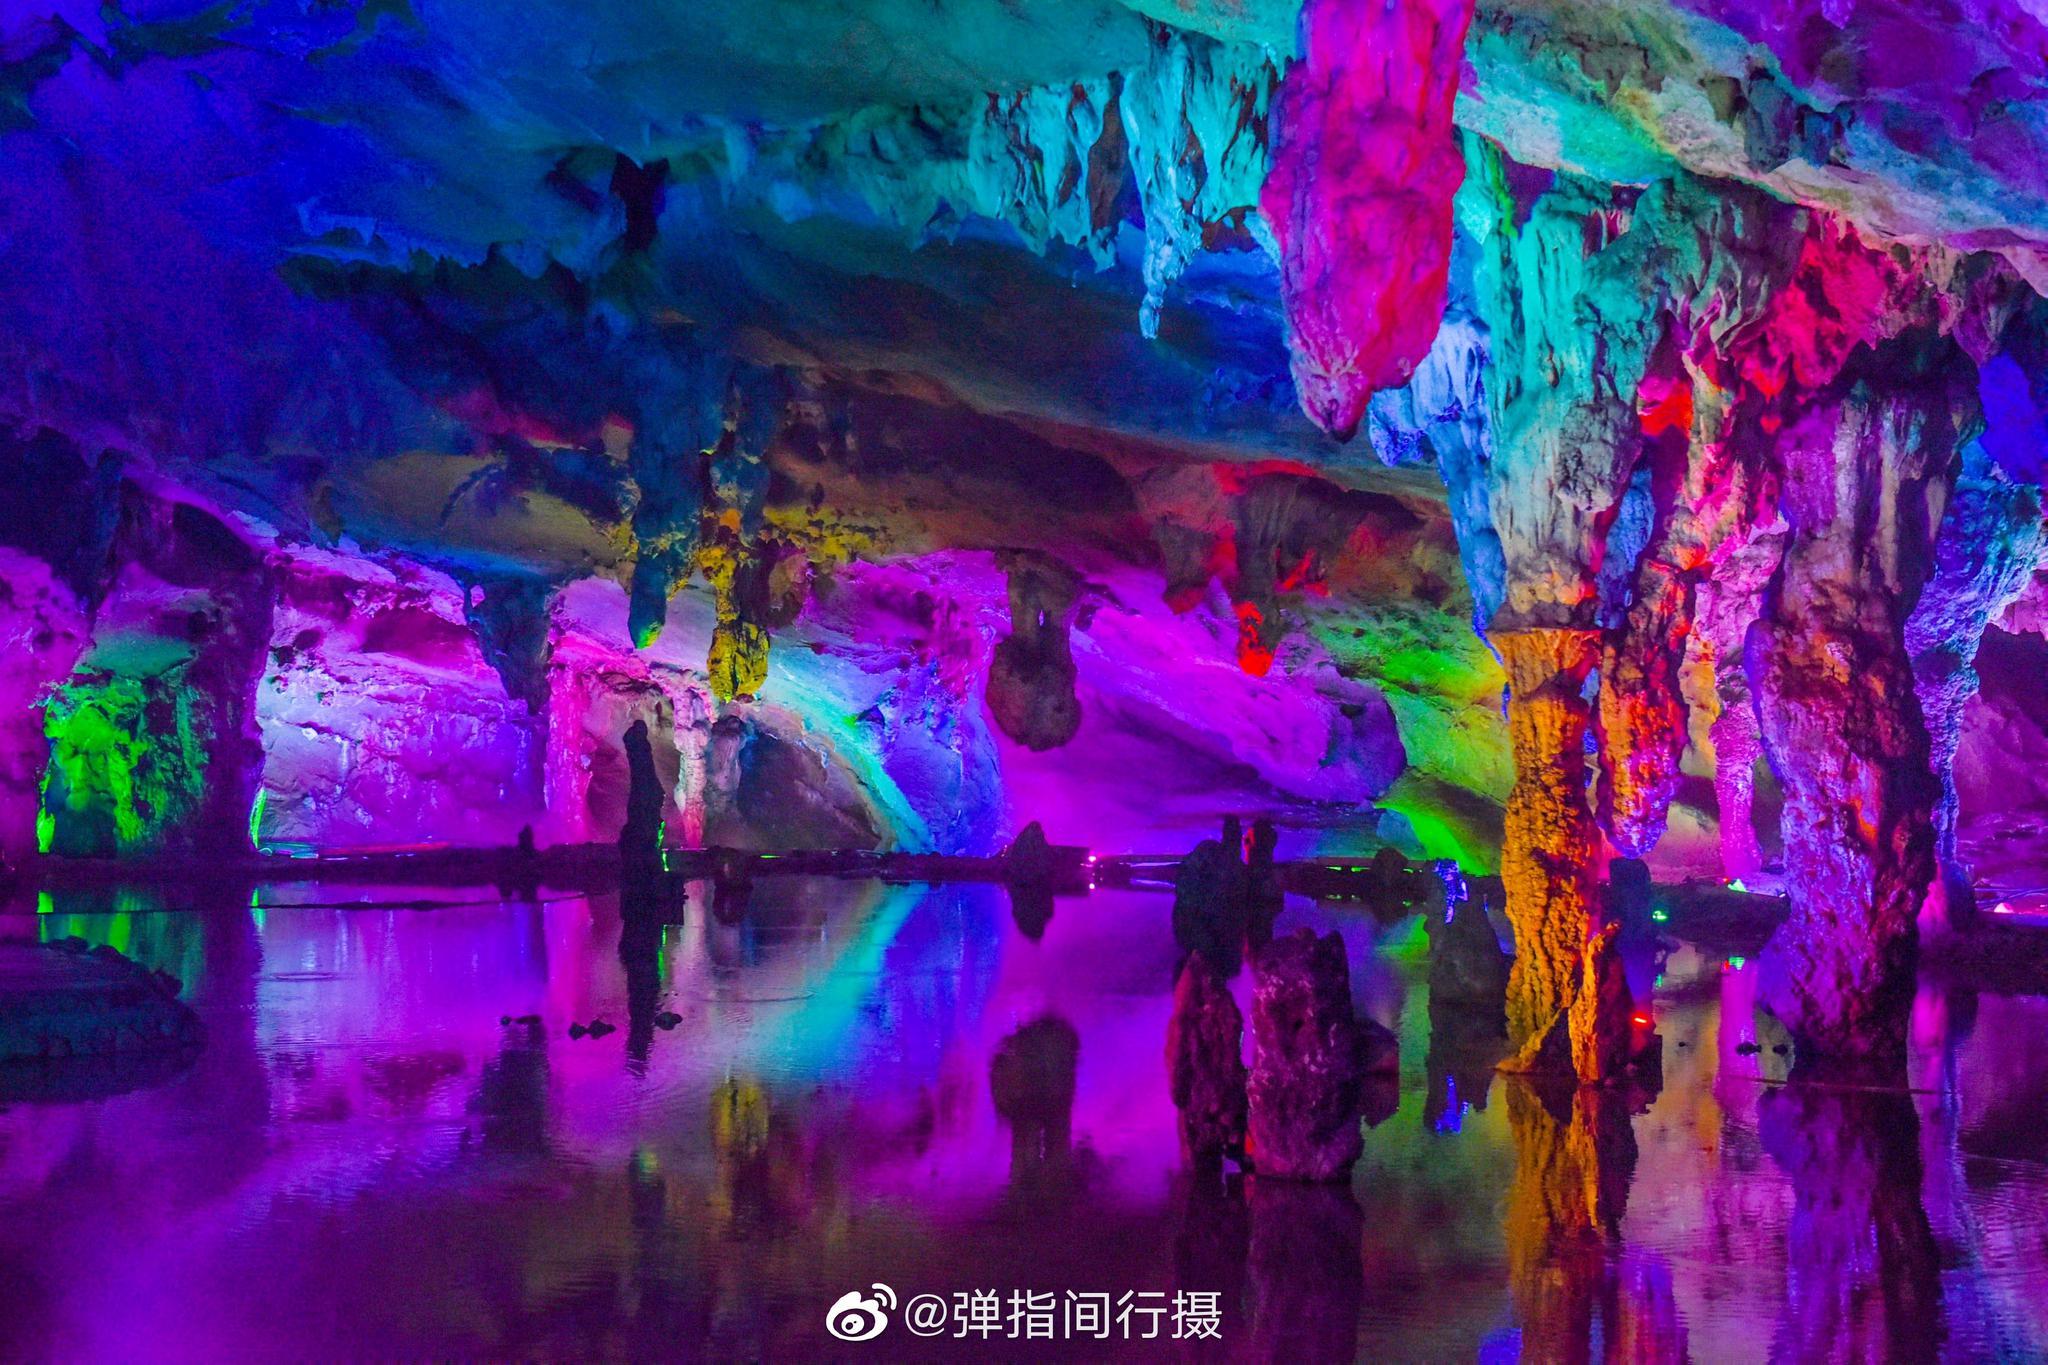 来到广东连州,除了湟川三峡,连州地下河也是游客必去的景点之一